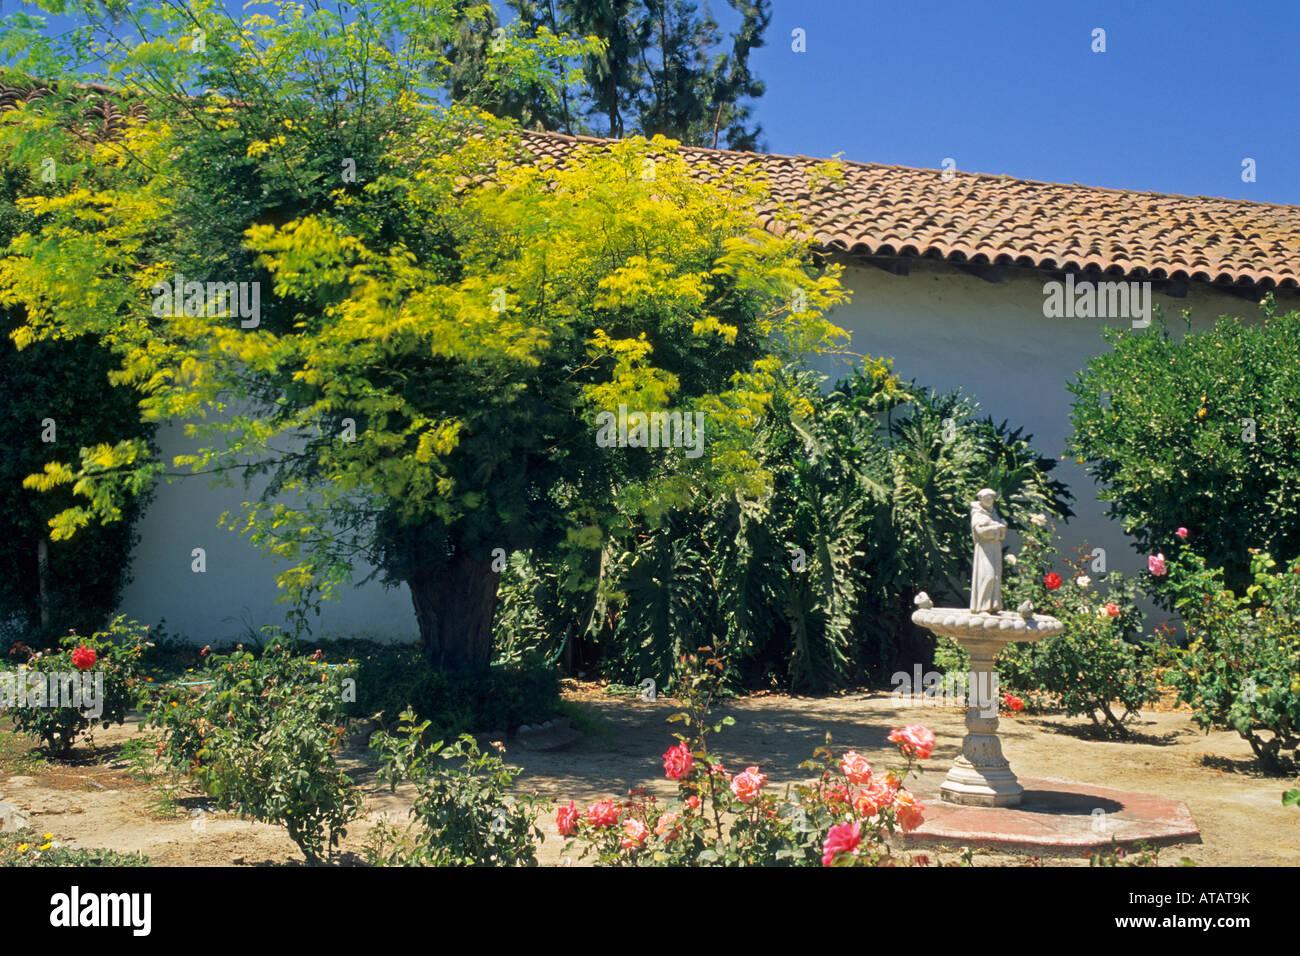 Mission Neustra Senora de la Soledad est 1791 Salinas Valley Monterey County California - Stock Image